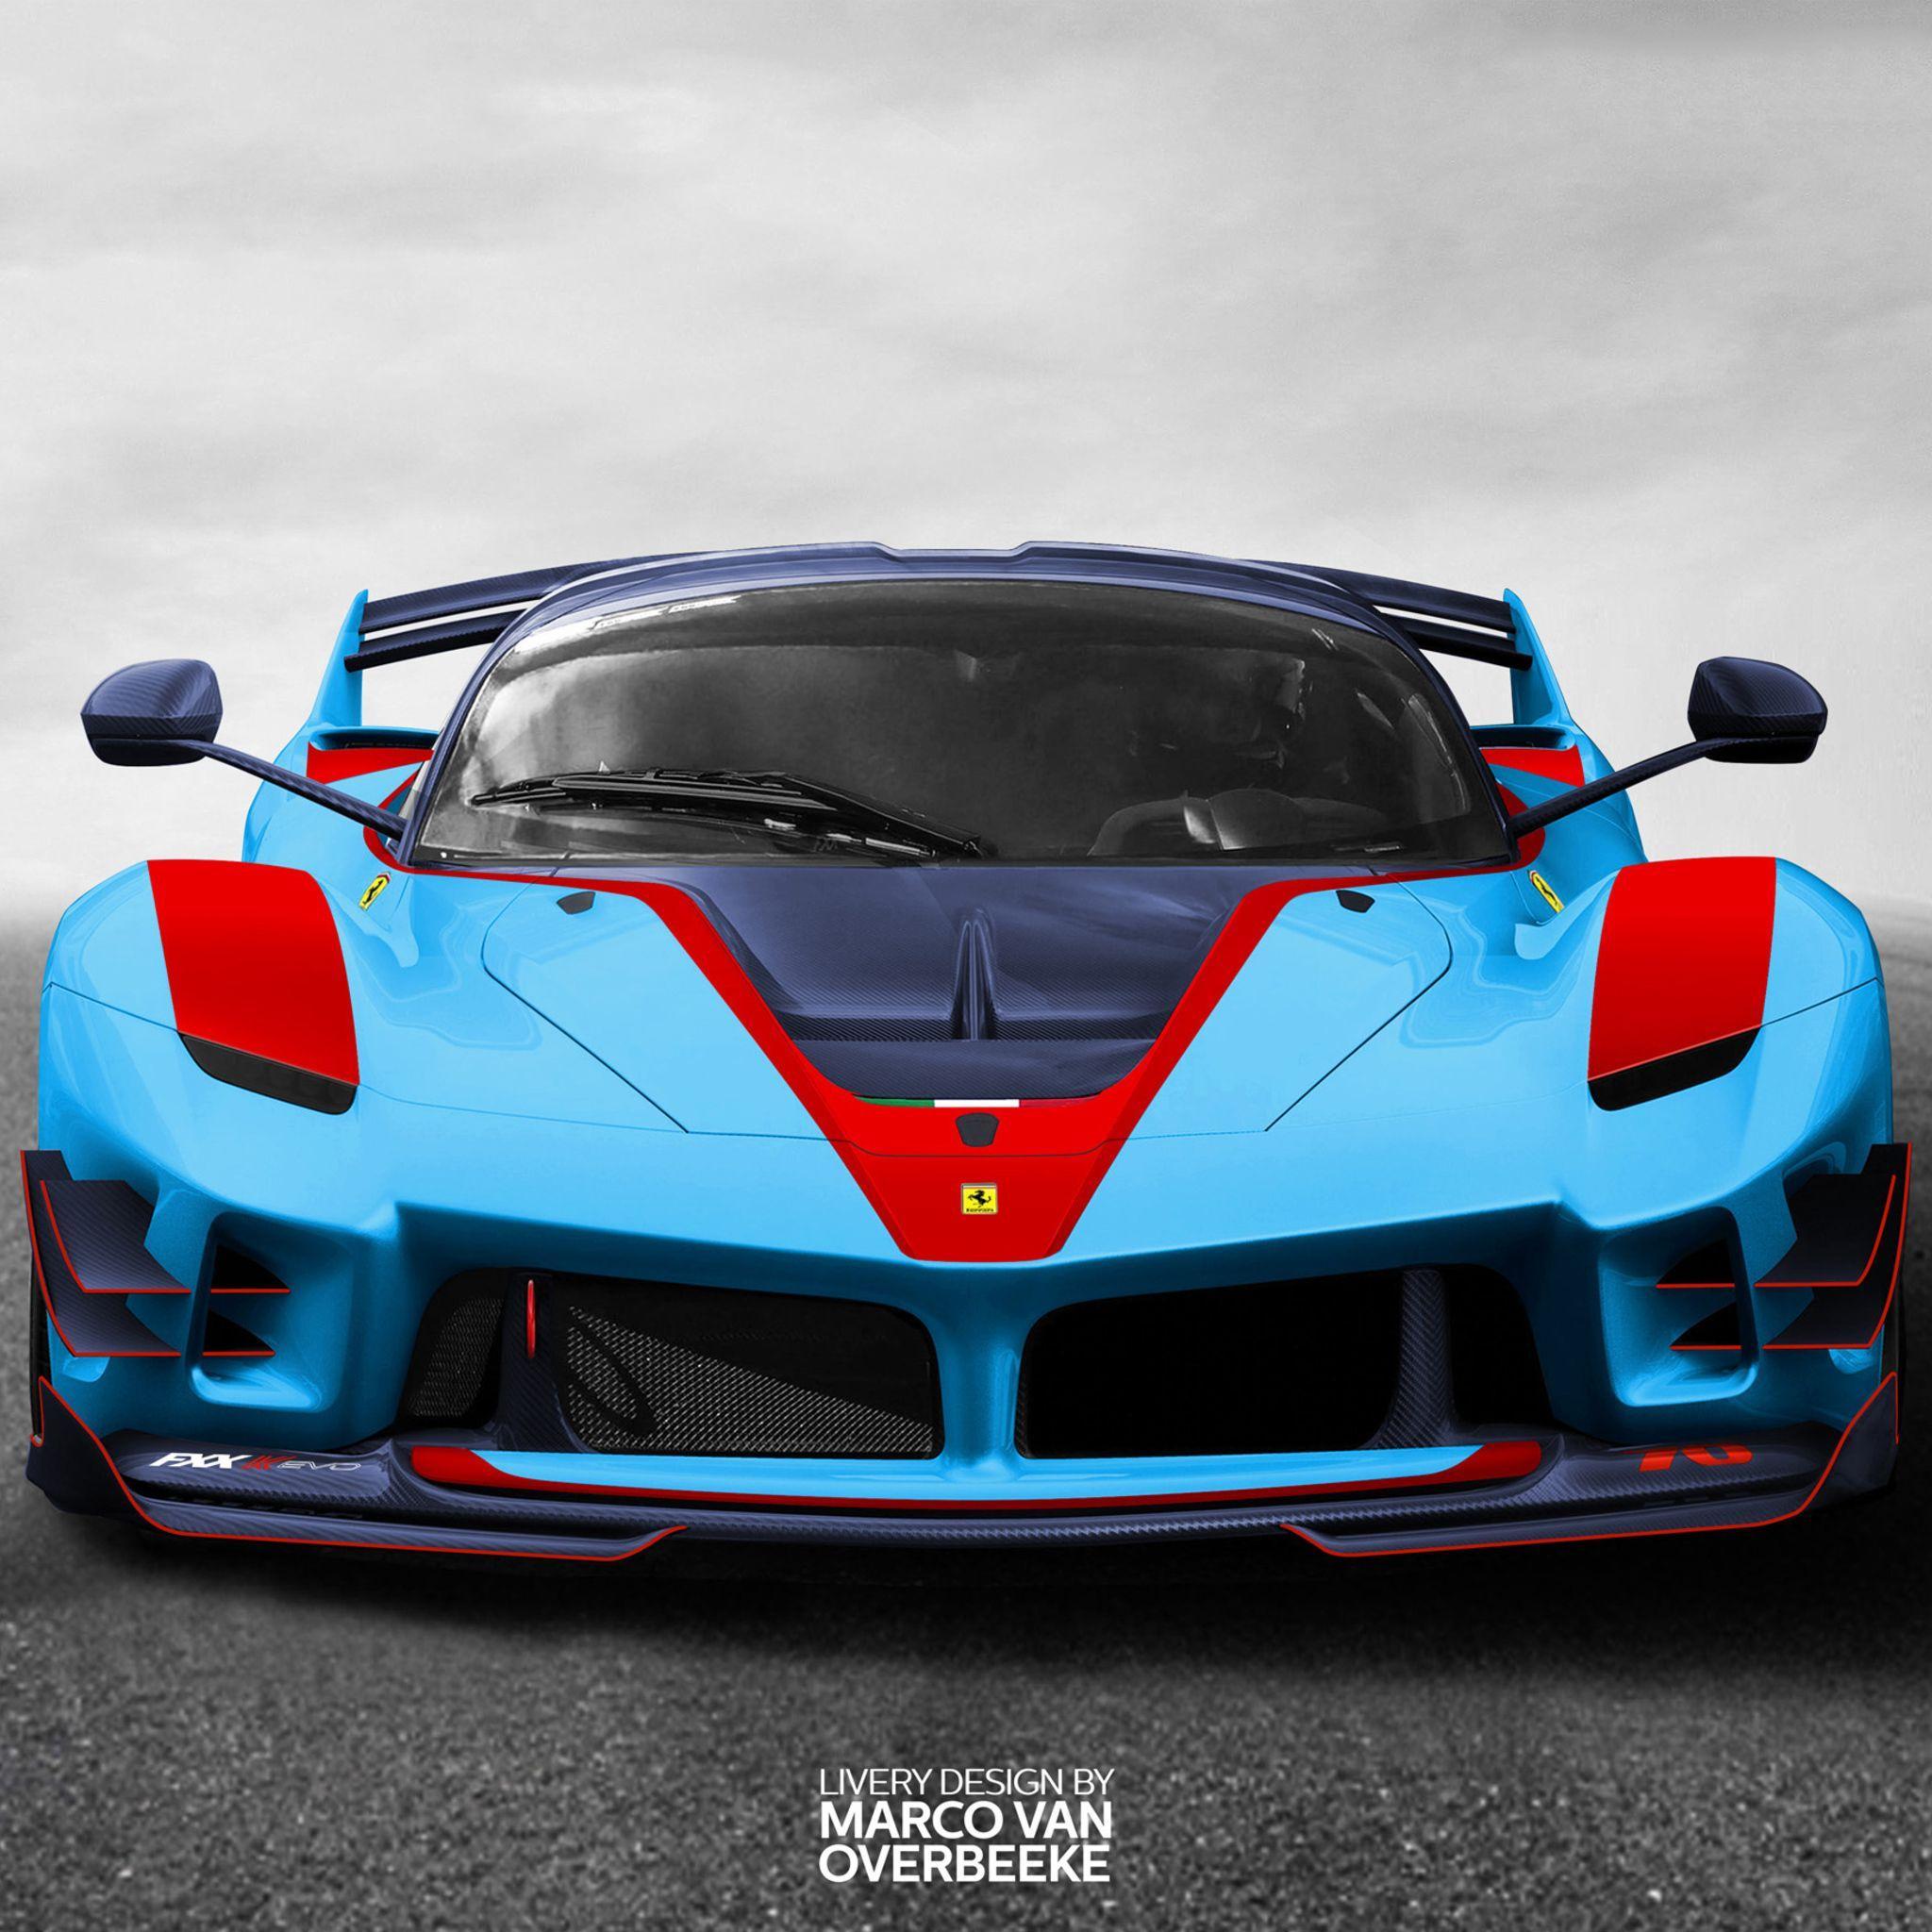 Ferrari Fxxk Evo Wallpapers Top Free Ferrari Fxxk Evo Backgrounds Wallpaperaccess